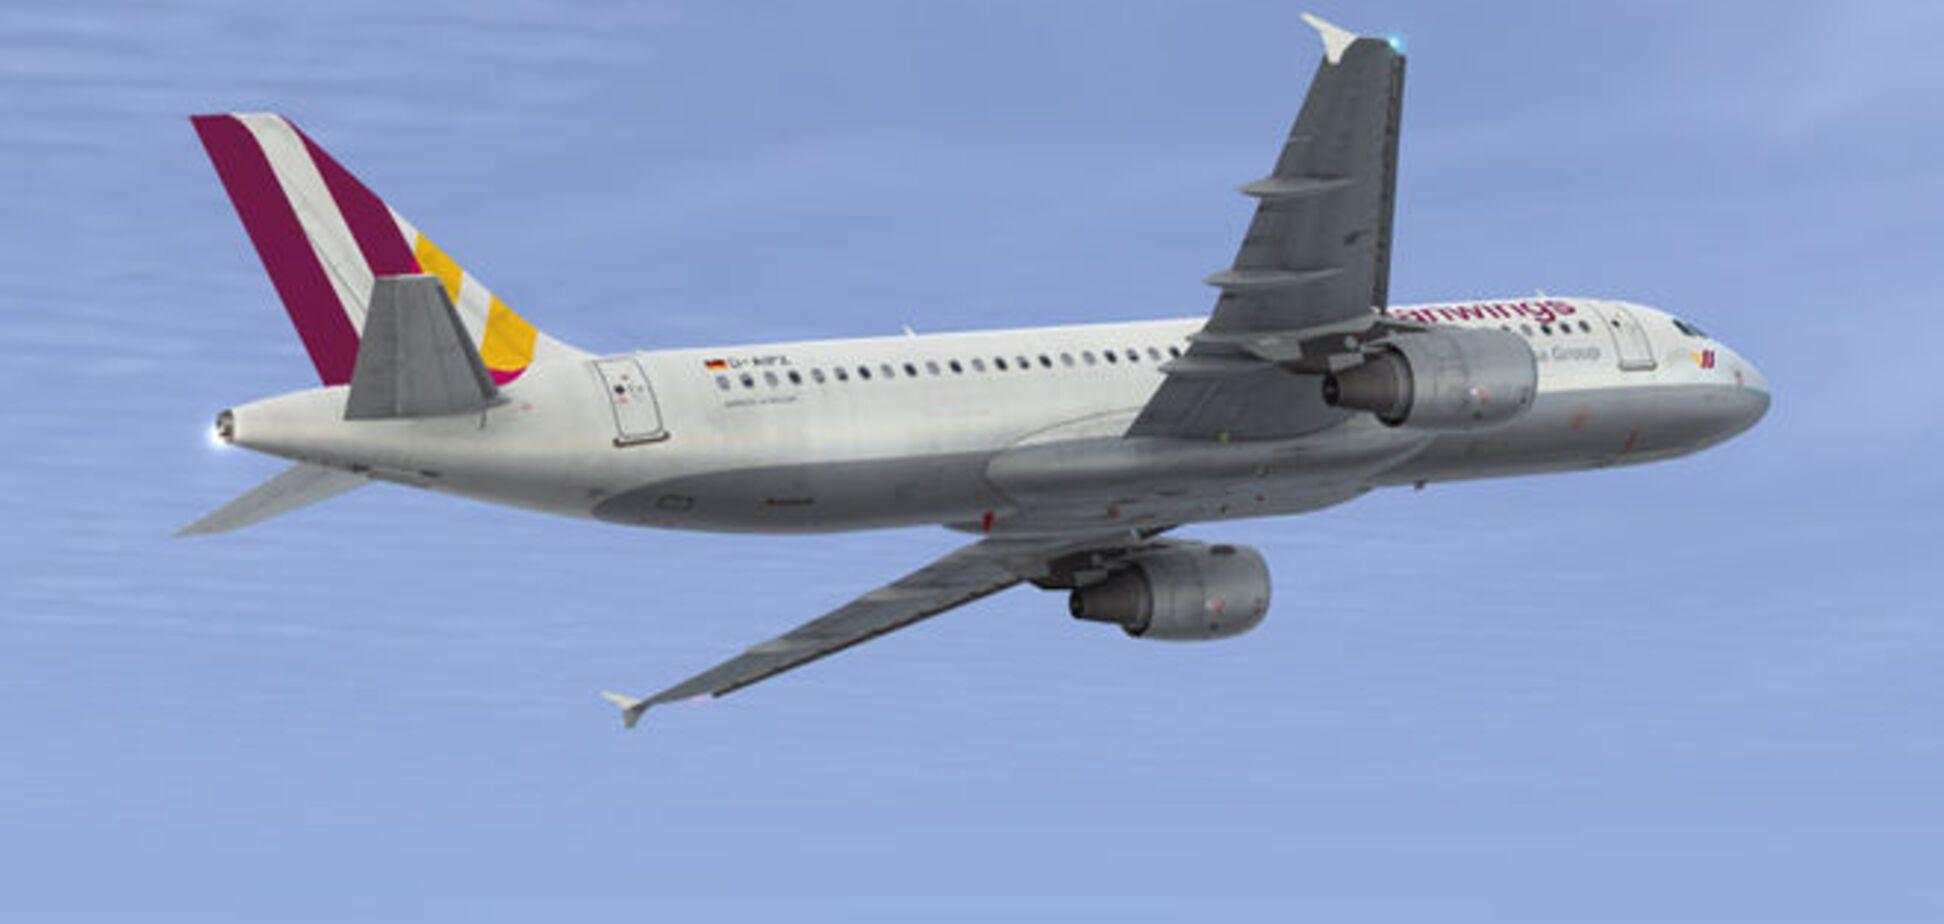 Катастрофа Airbus A320: на борту находились 15 школьников из Германии